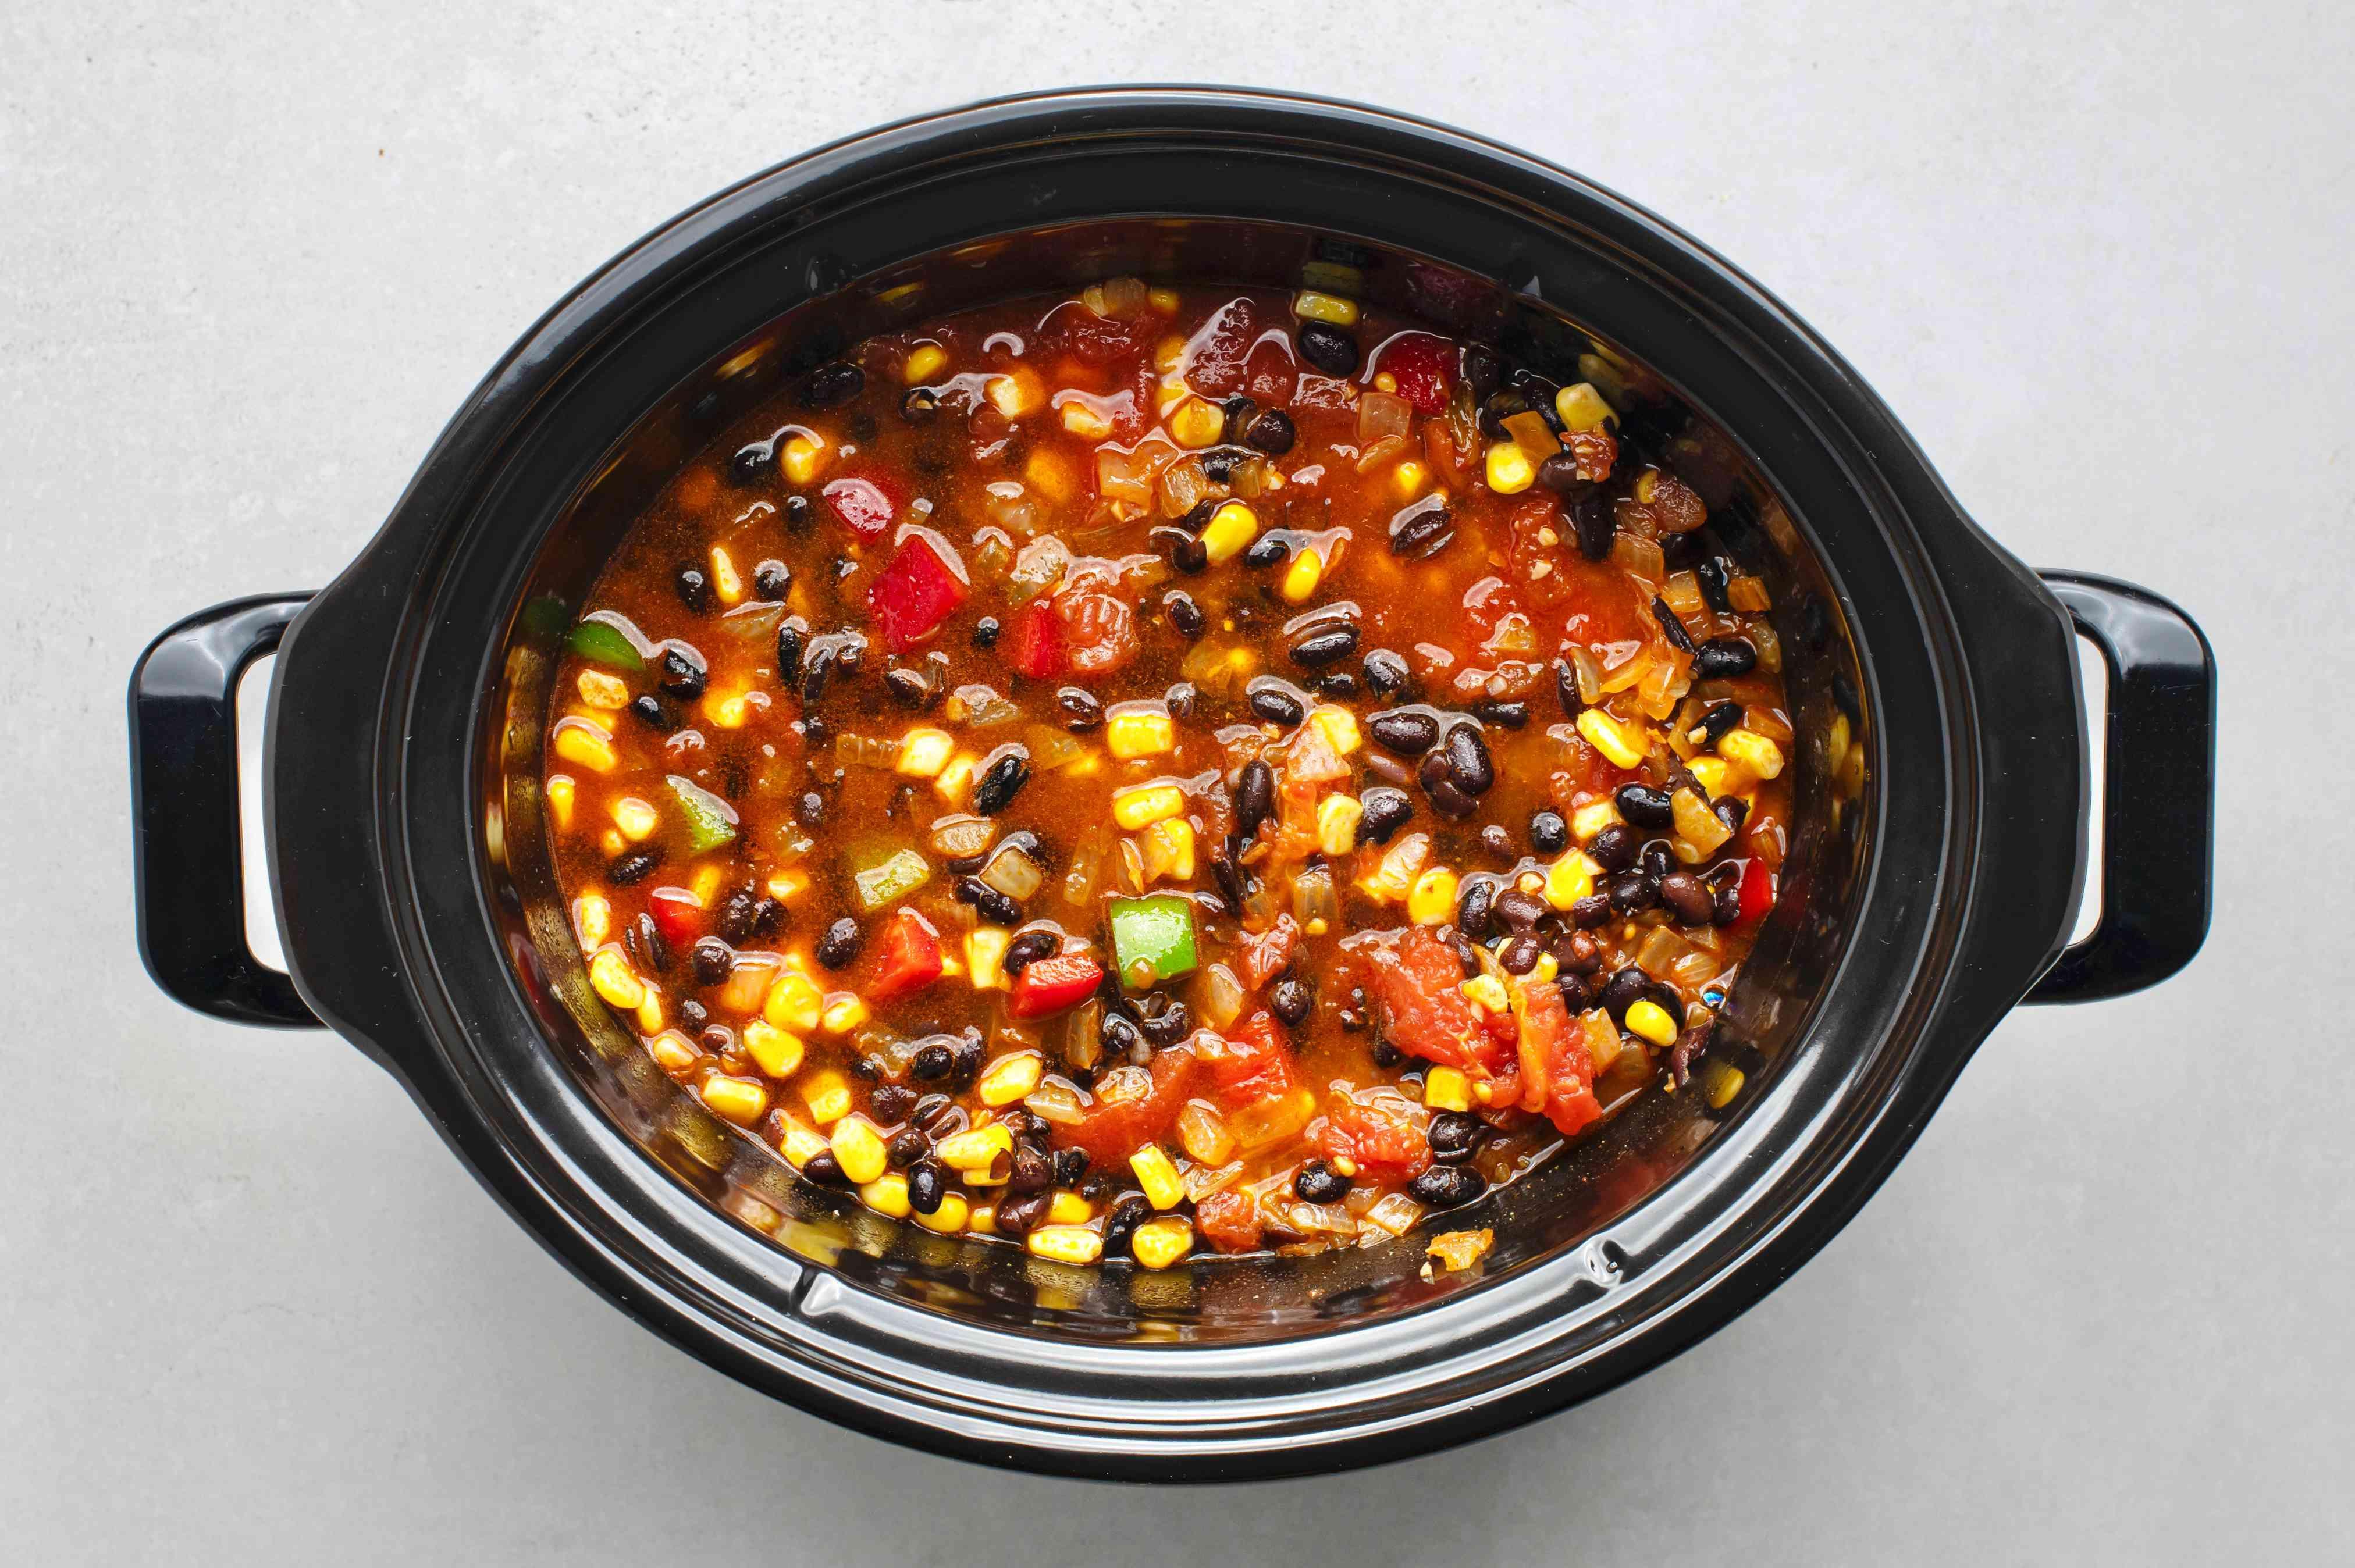 Crock Pot Black Bean Chili Recipes